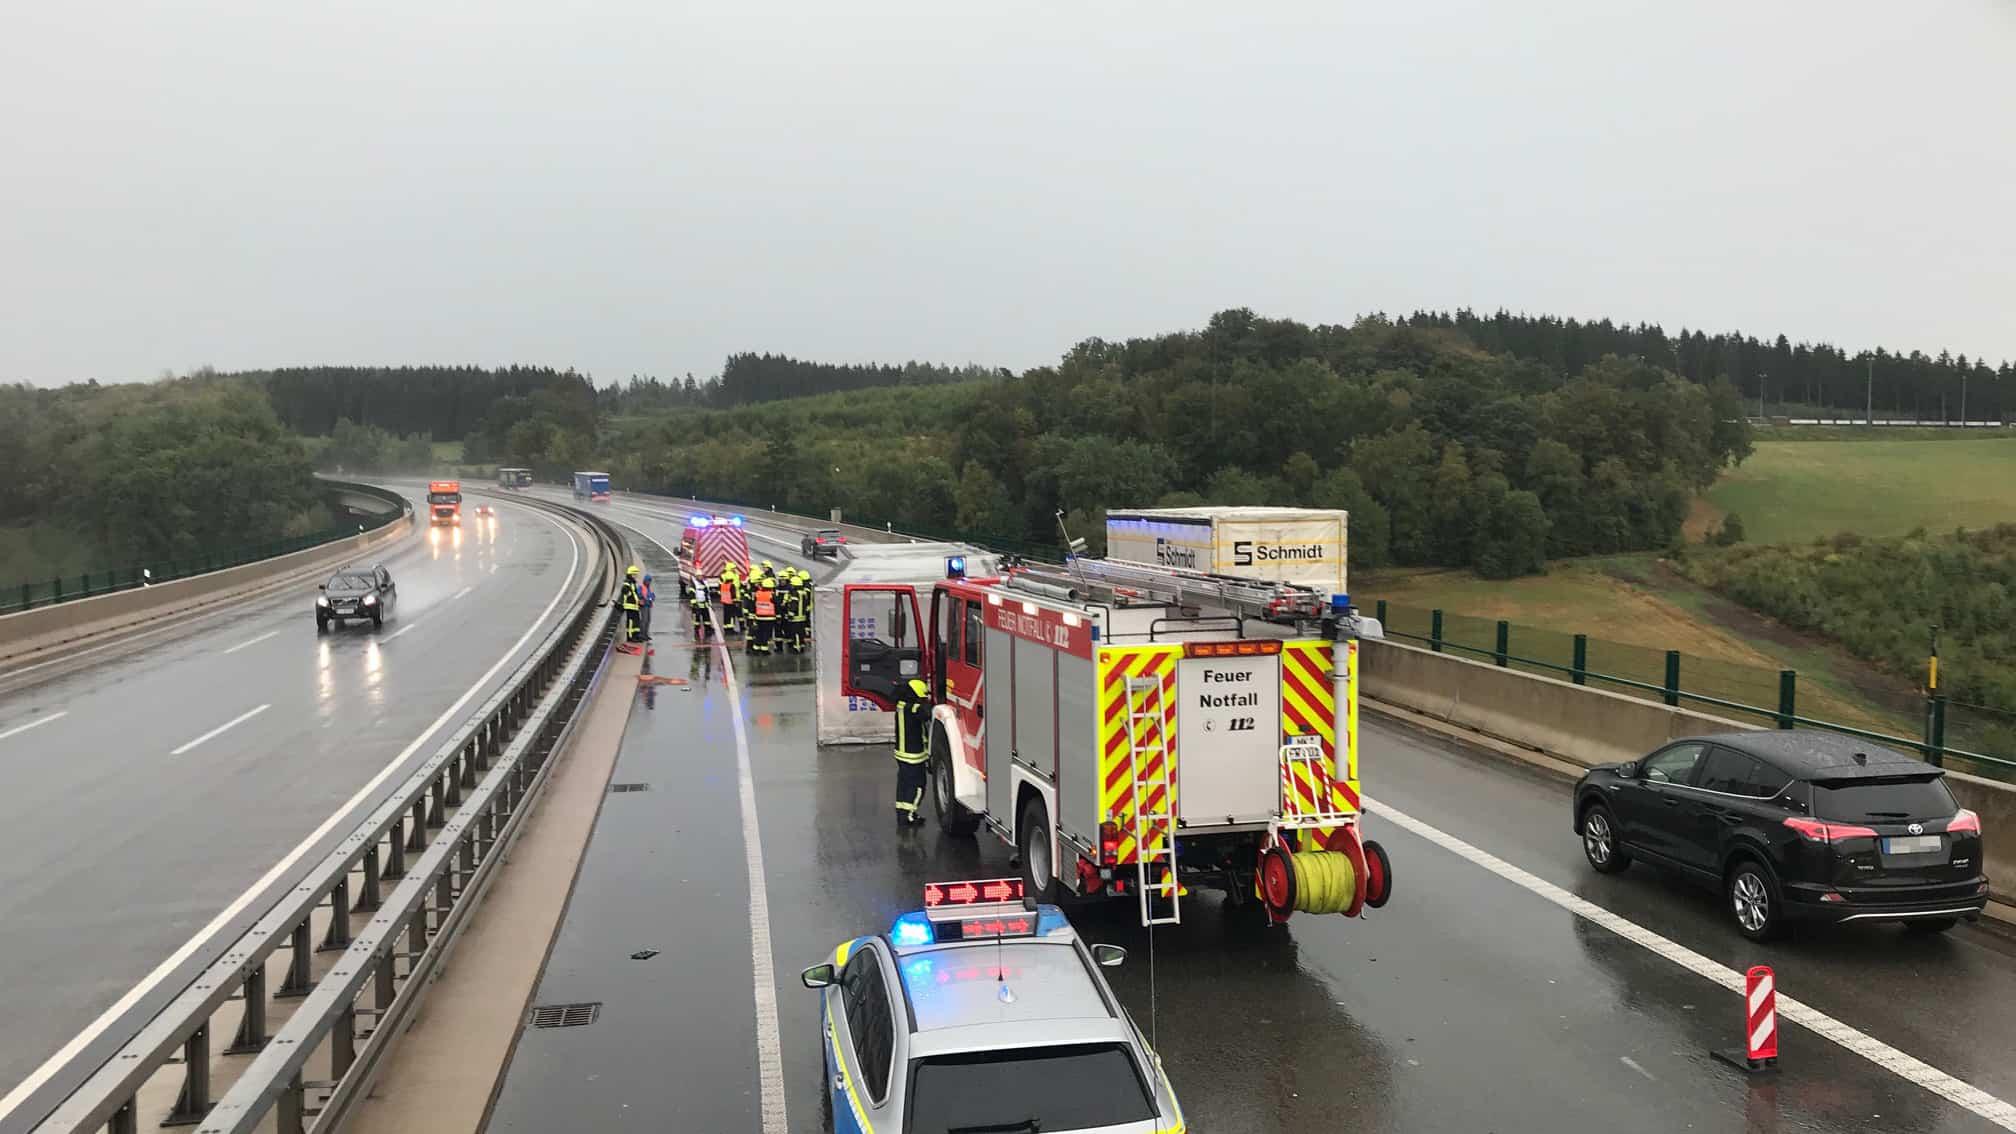 """Sturmtief """"Oriane"""" zieht Richtung Märkischer Kreis - LKW auf Autobahn umgestürzt"""